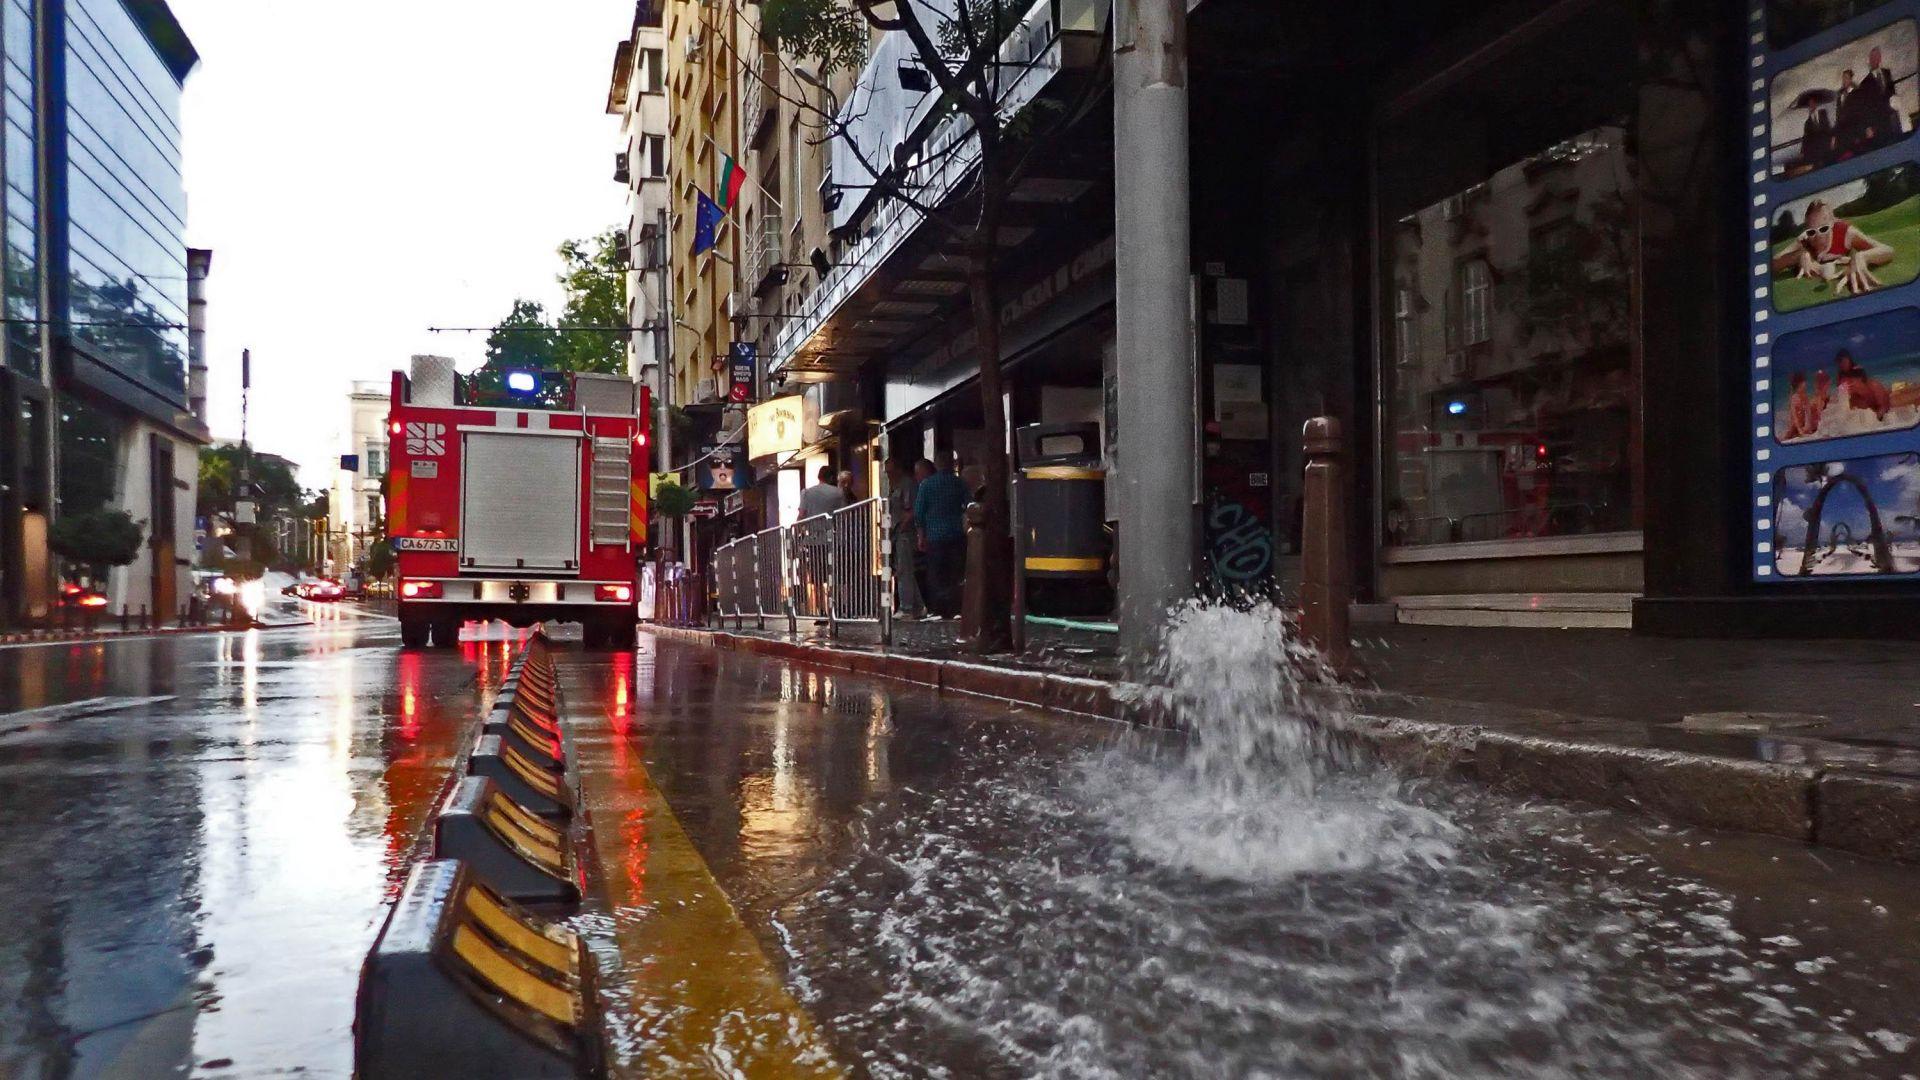 БСП иска извънредна сесия на общинския съвет в София заради наводненията